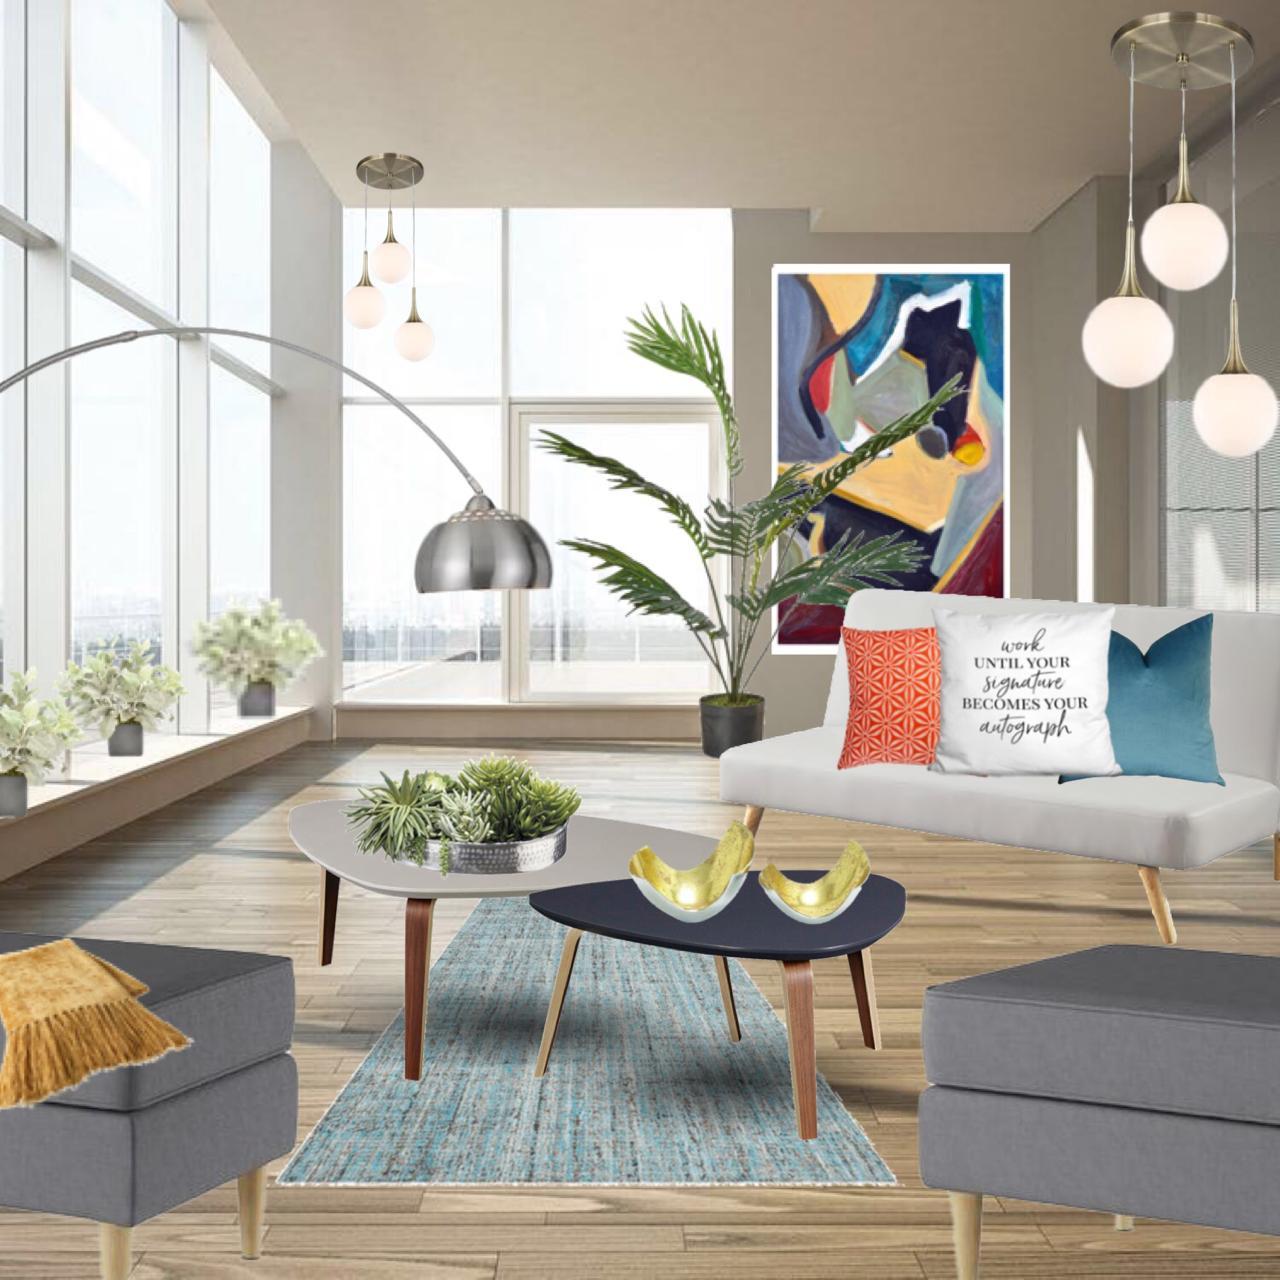 Decoración de penthouse: Sala cálida y moderna